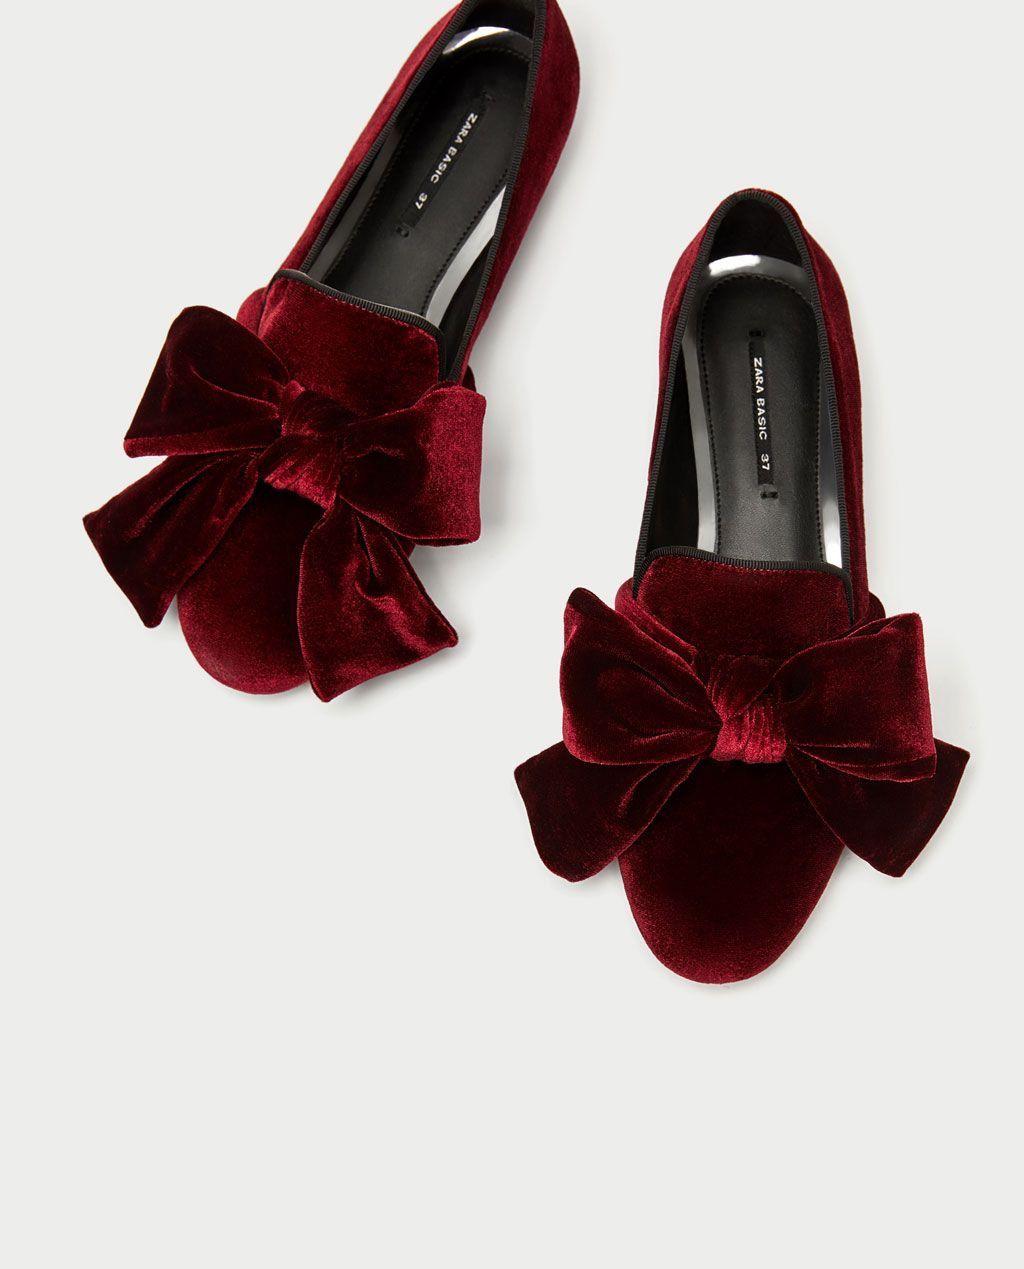 Bordeau Peau Rouge DouceChaussure Velvet Grenat Shoes La Velours qSpUVGzM